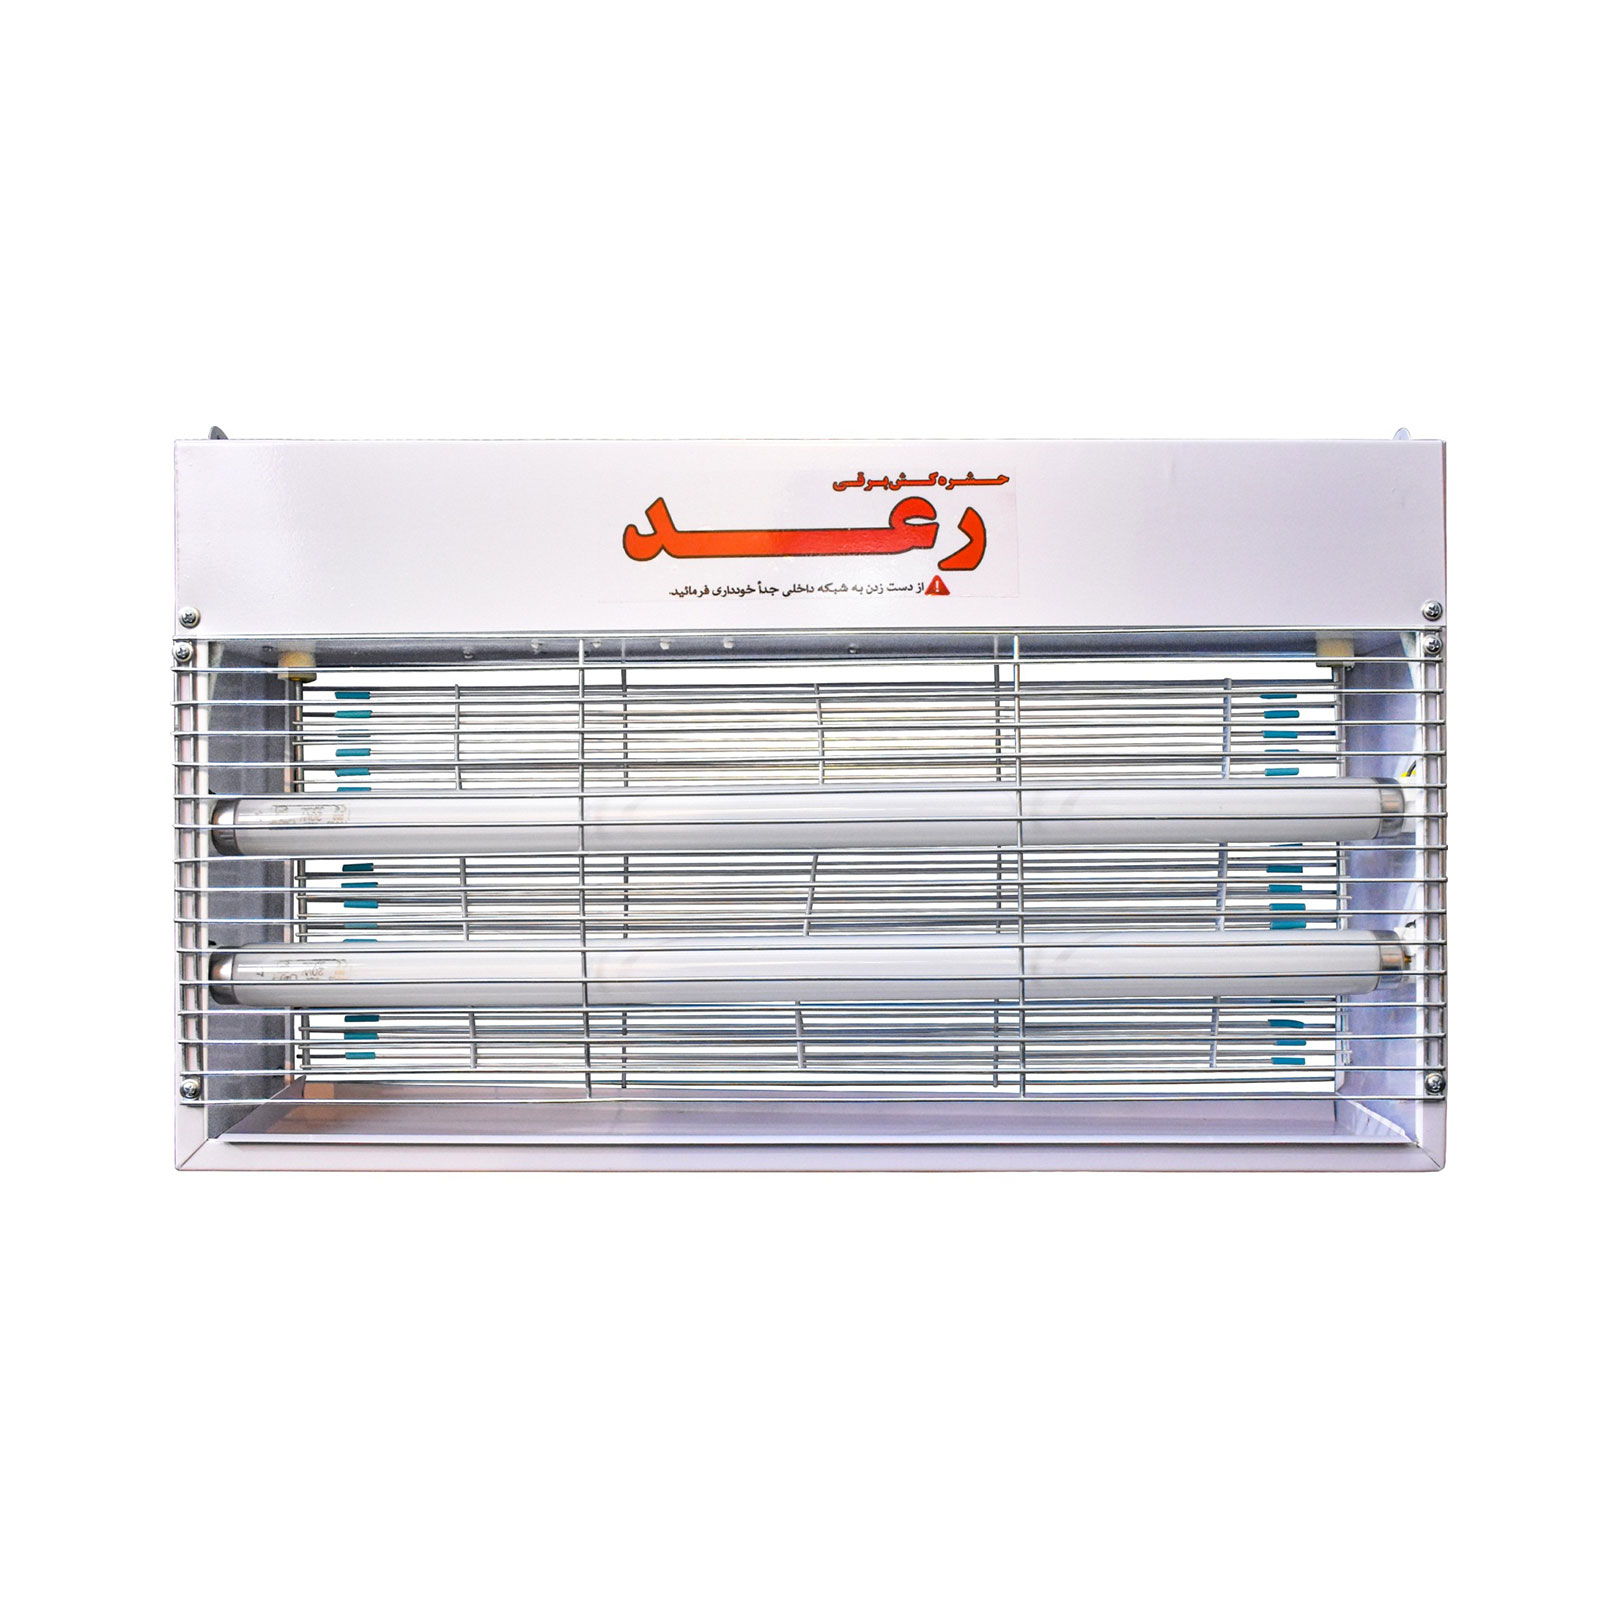 حشره کش برقی خانگی مدل JA-2x20-k